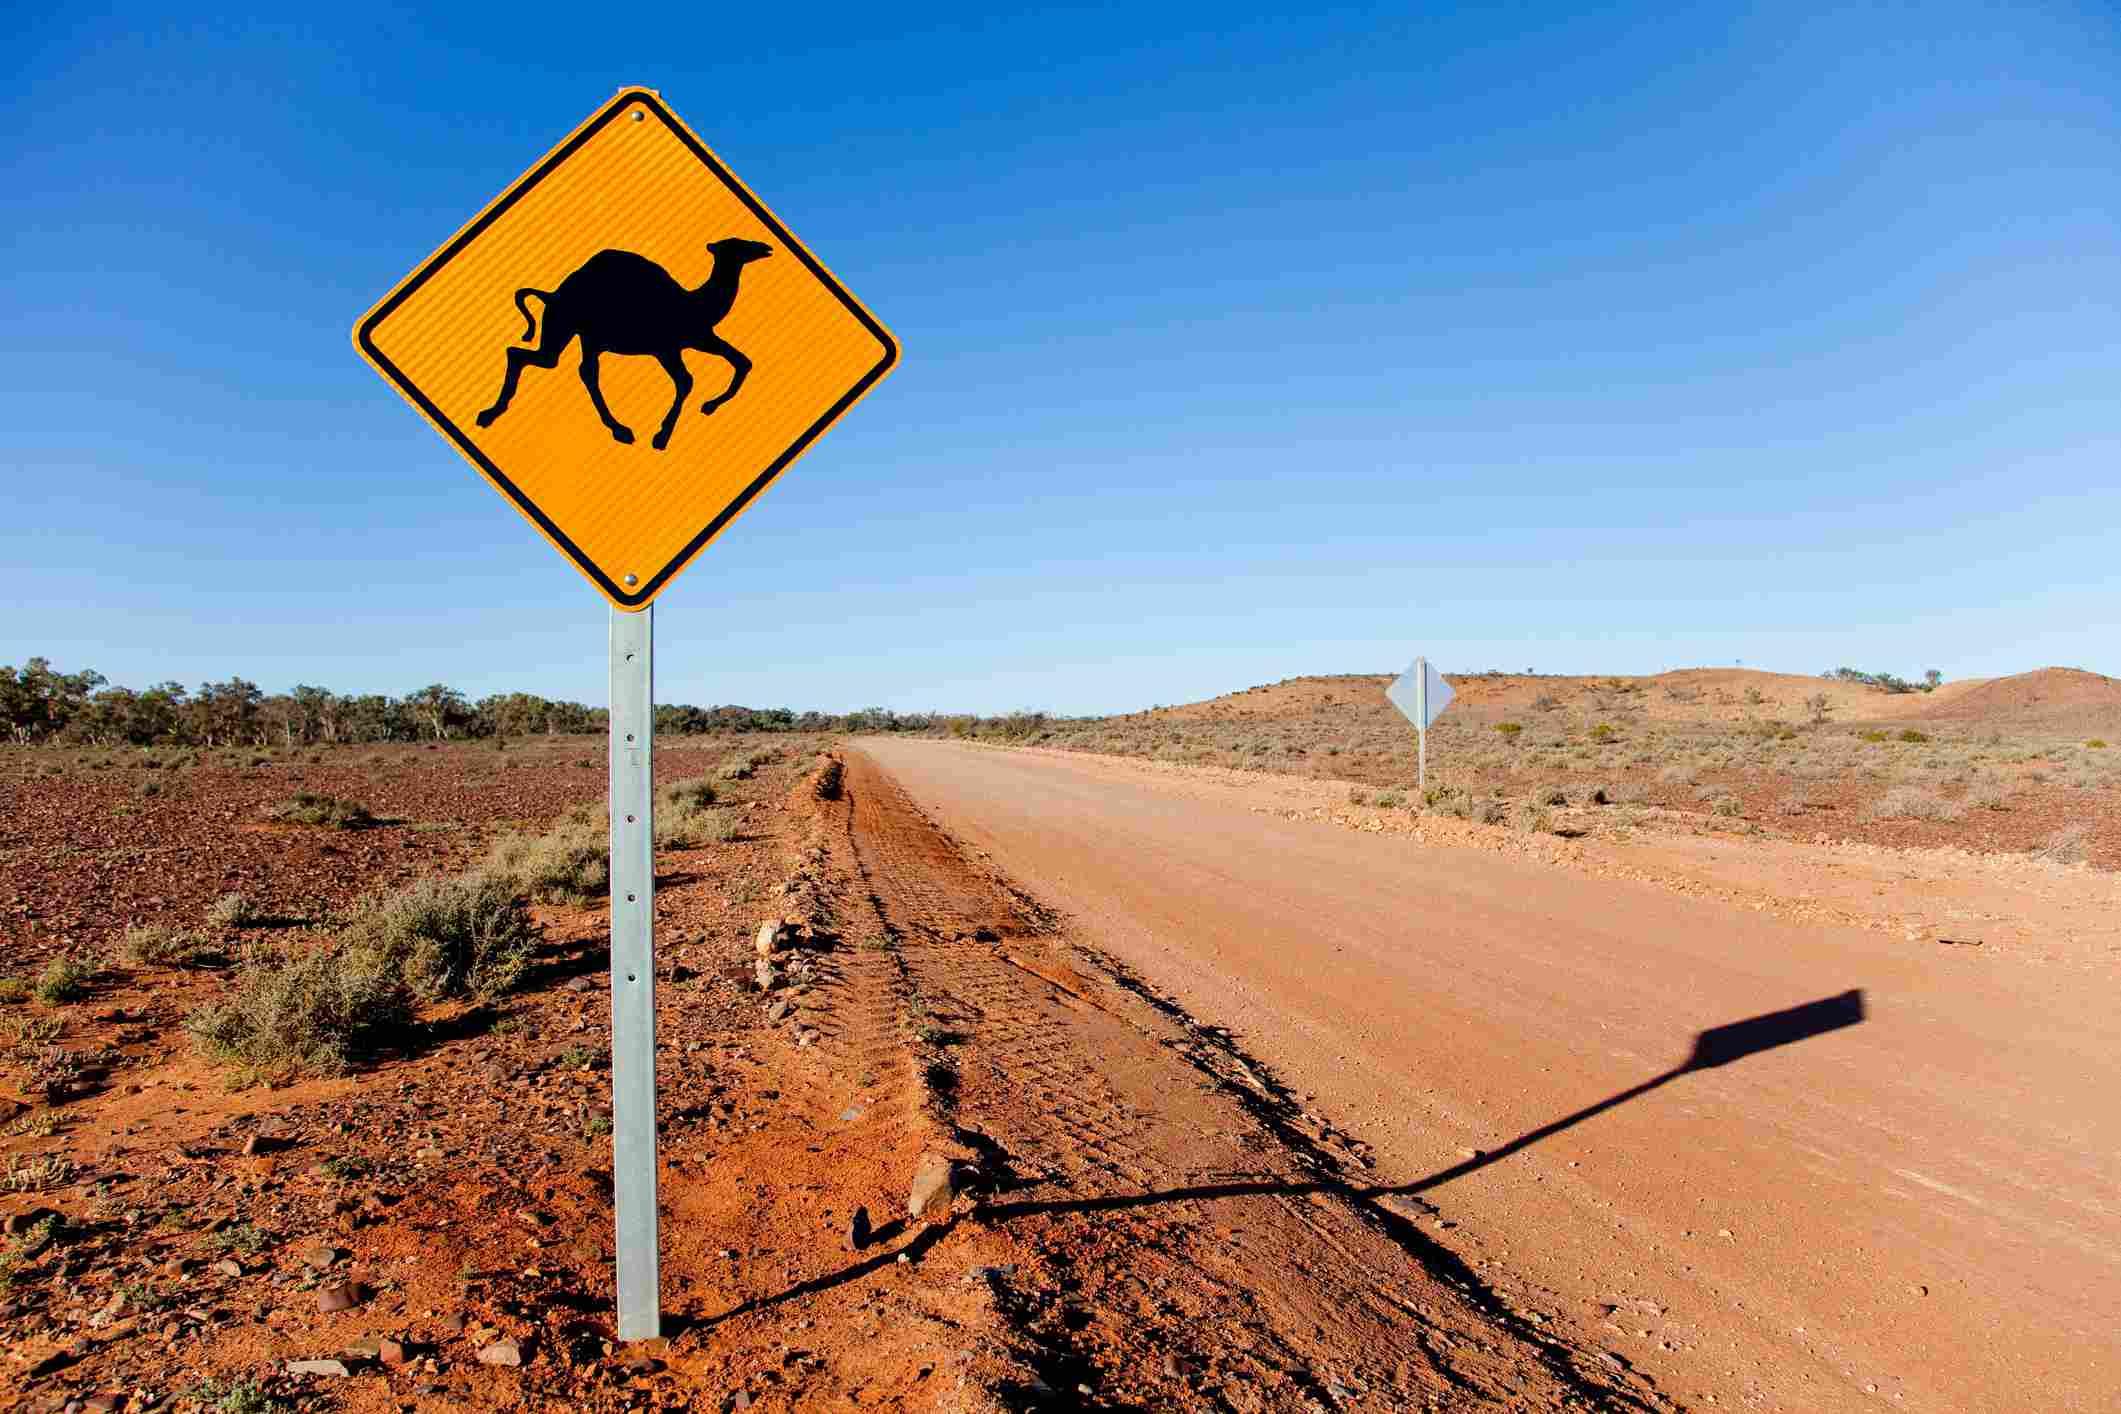 Señal de advertencia de camello en el interior de Australia